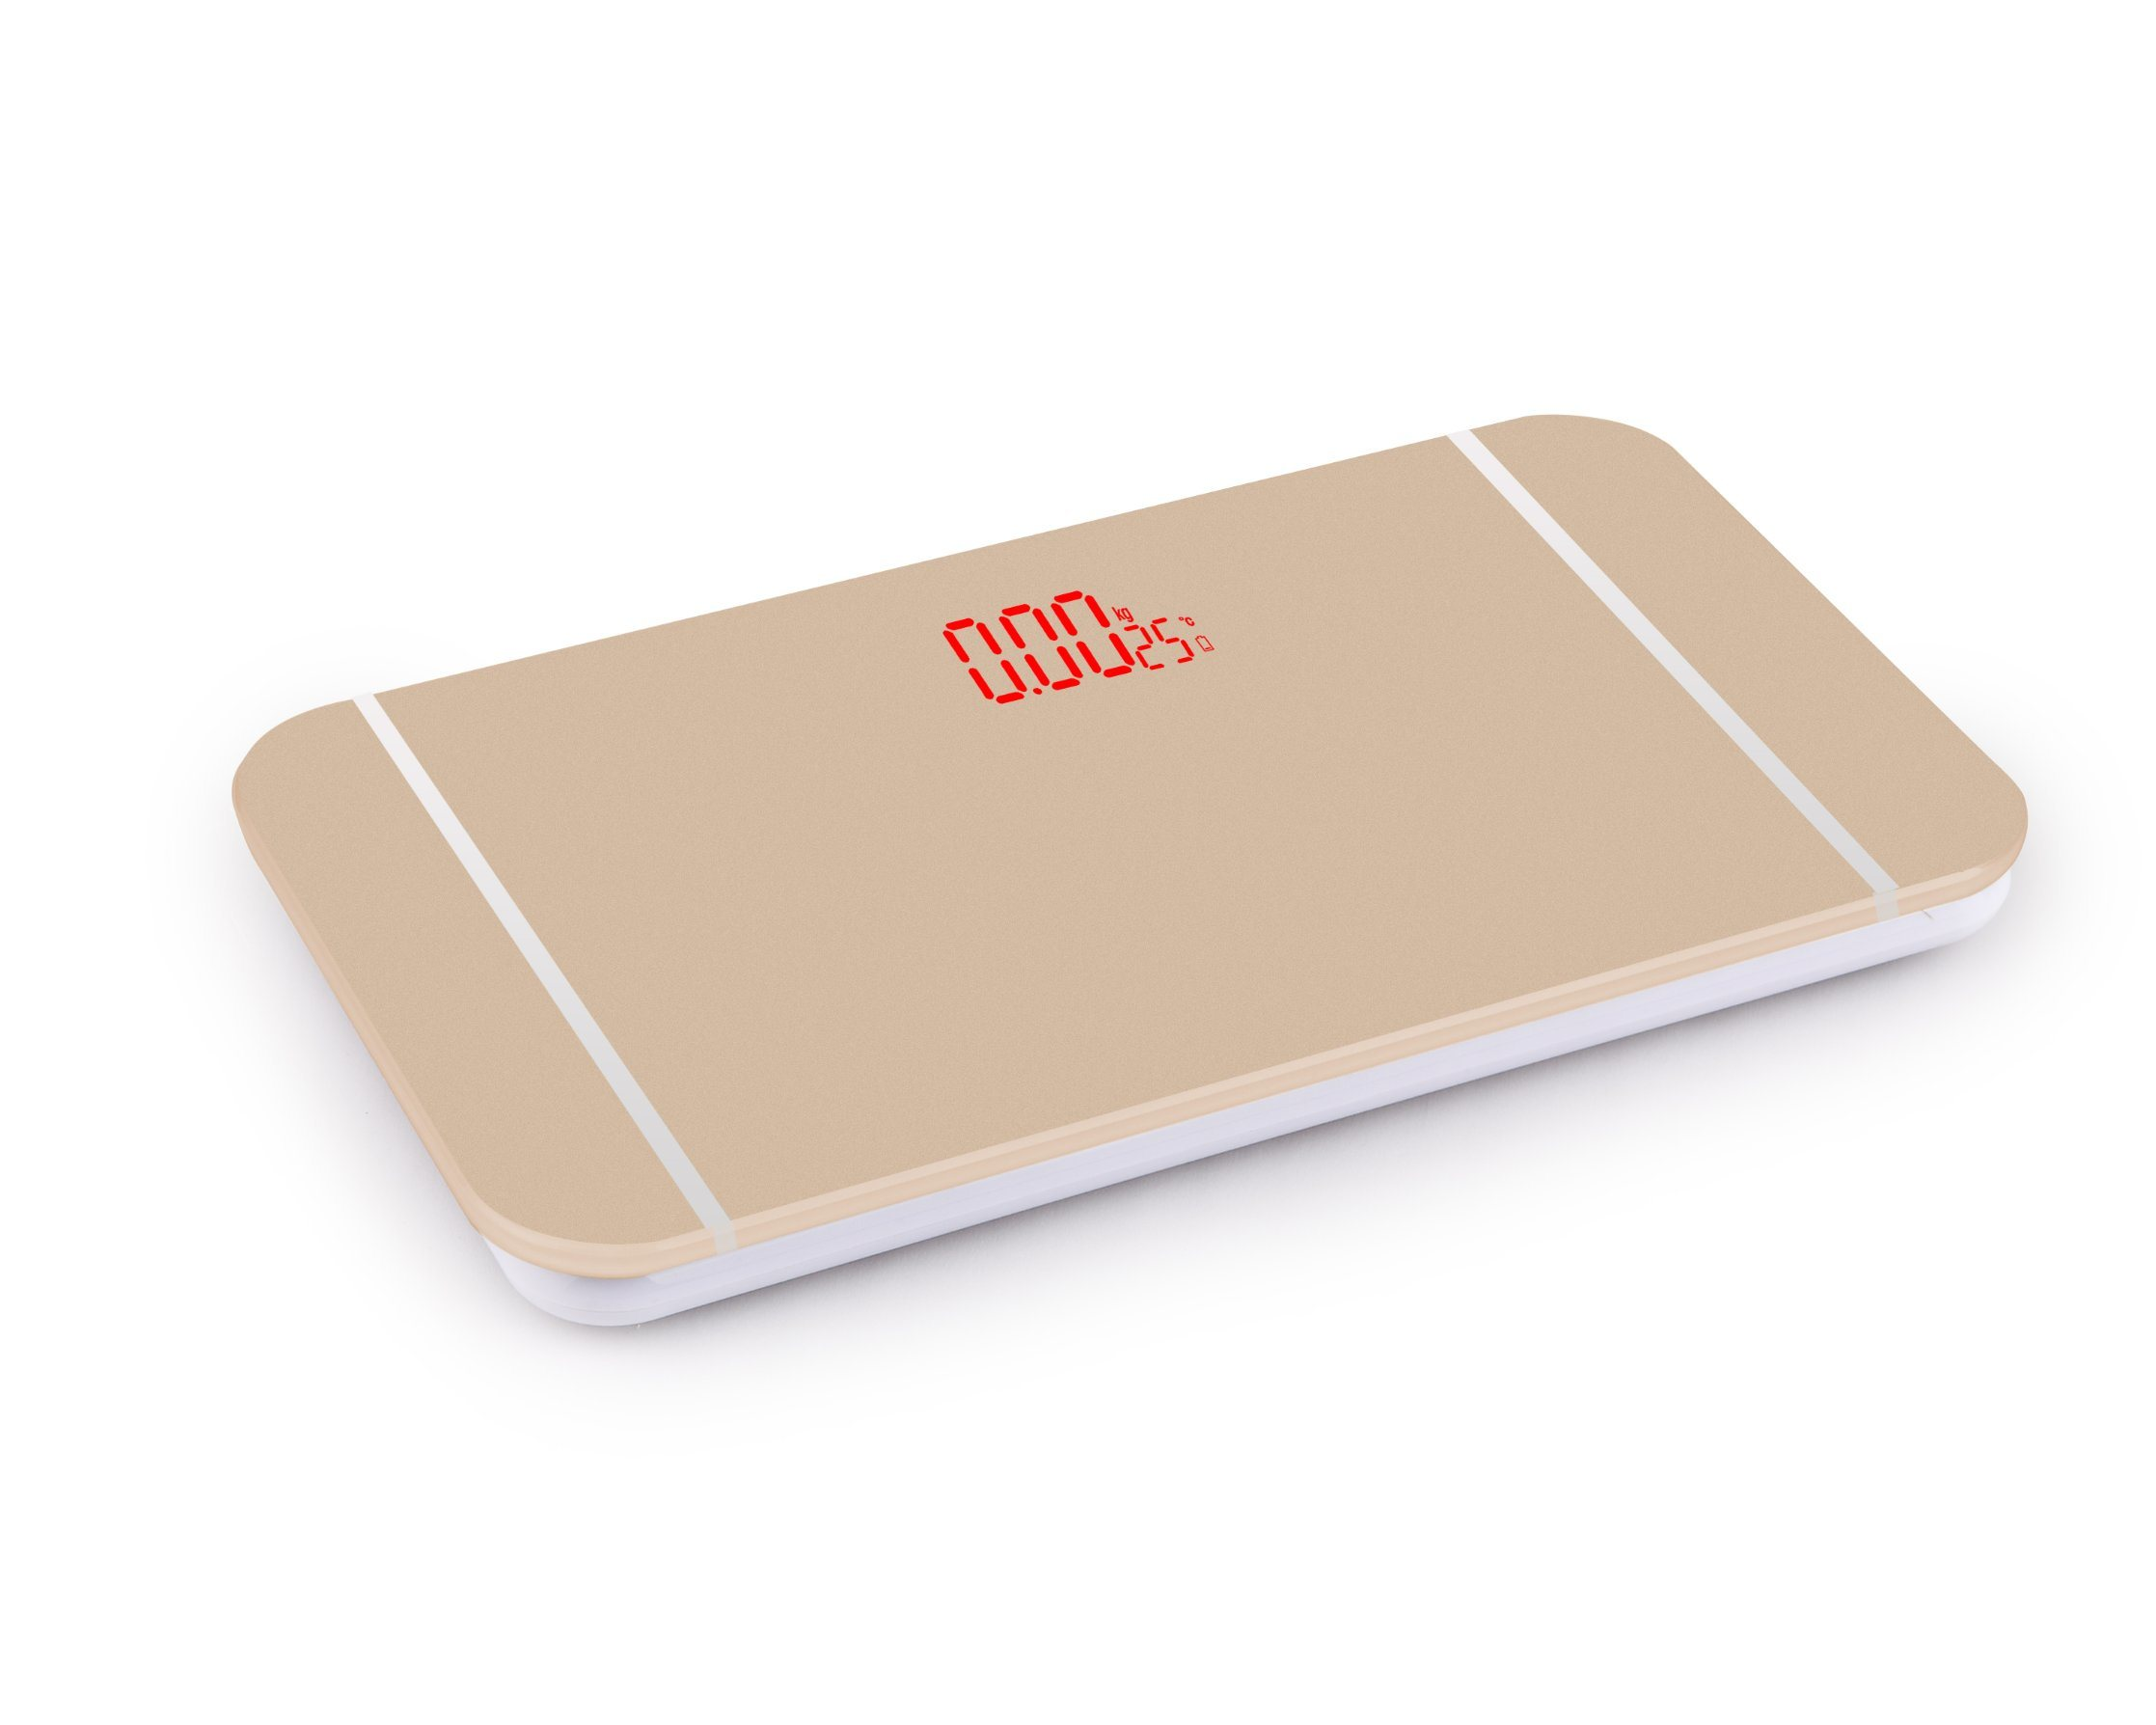 LED Mini Bathroom Scale with Innovate Design (FB913)